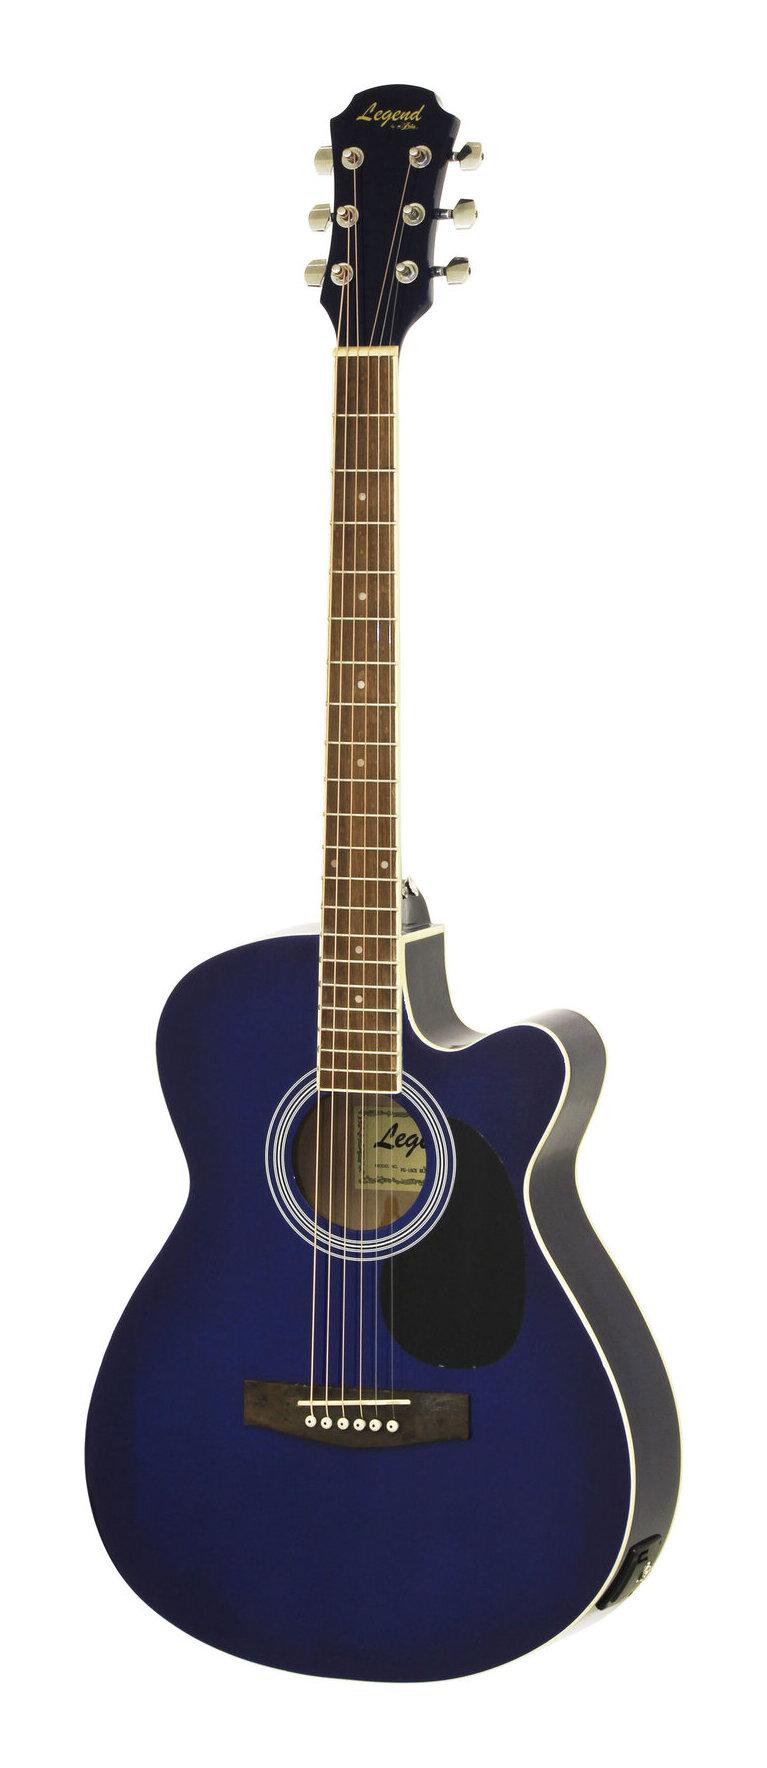 Legend FG-15CE BLS(Blue Shade) エレクトリック アコースティック ギター エレアコ【送料無料】【smtb-TK】